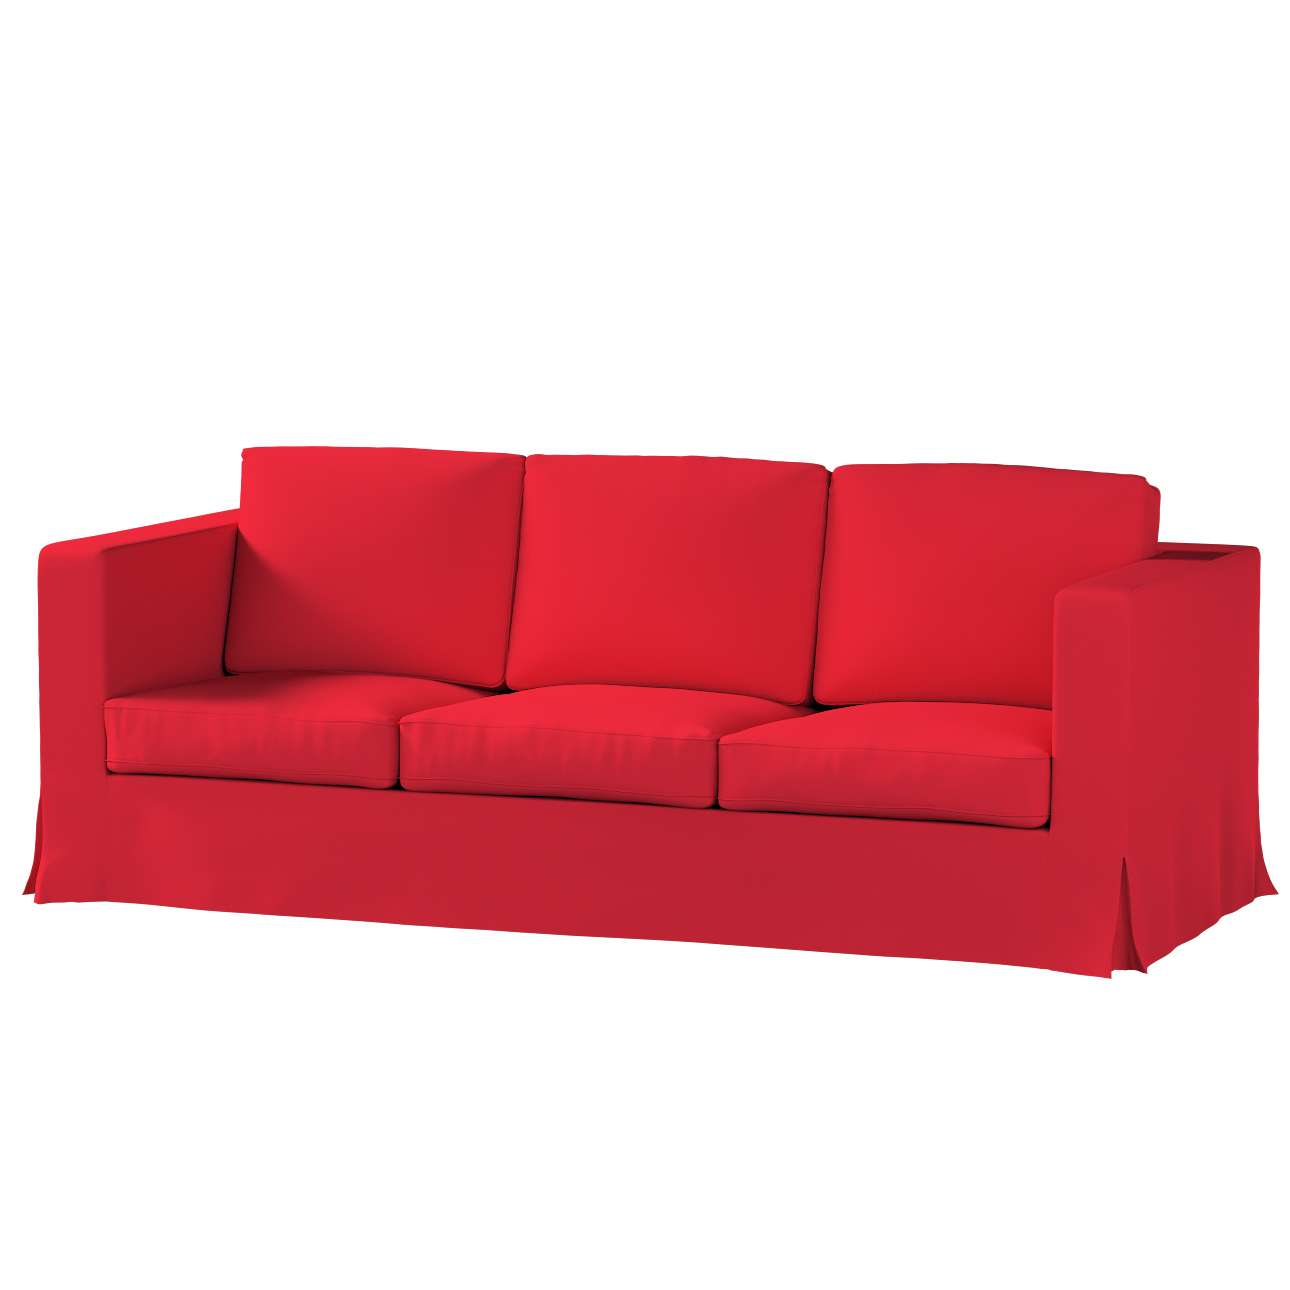 Pokrowiec na sofę Karlanda 3-osobową nierozkładaną, długi Sofa Karlanda 3-os w kolekcji Cotton Panama, tkanina: 702-04